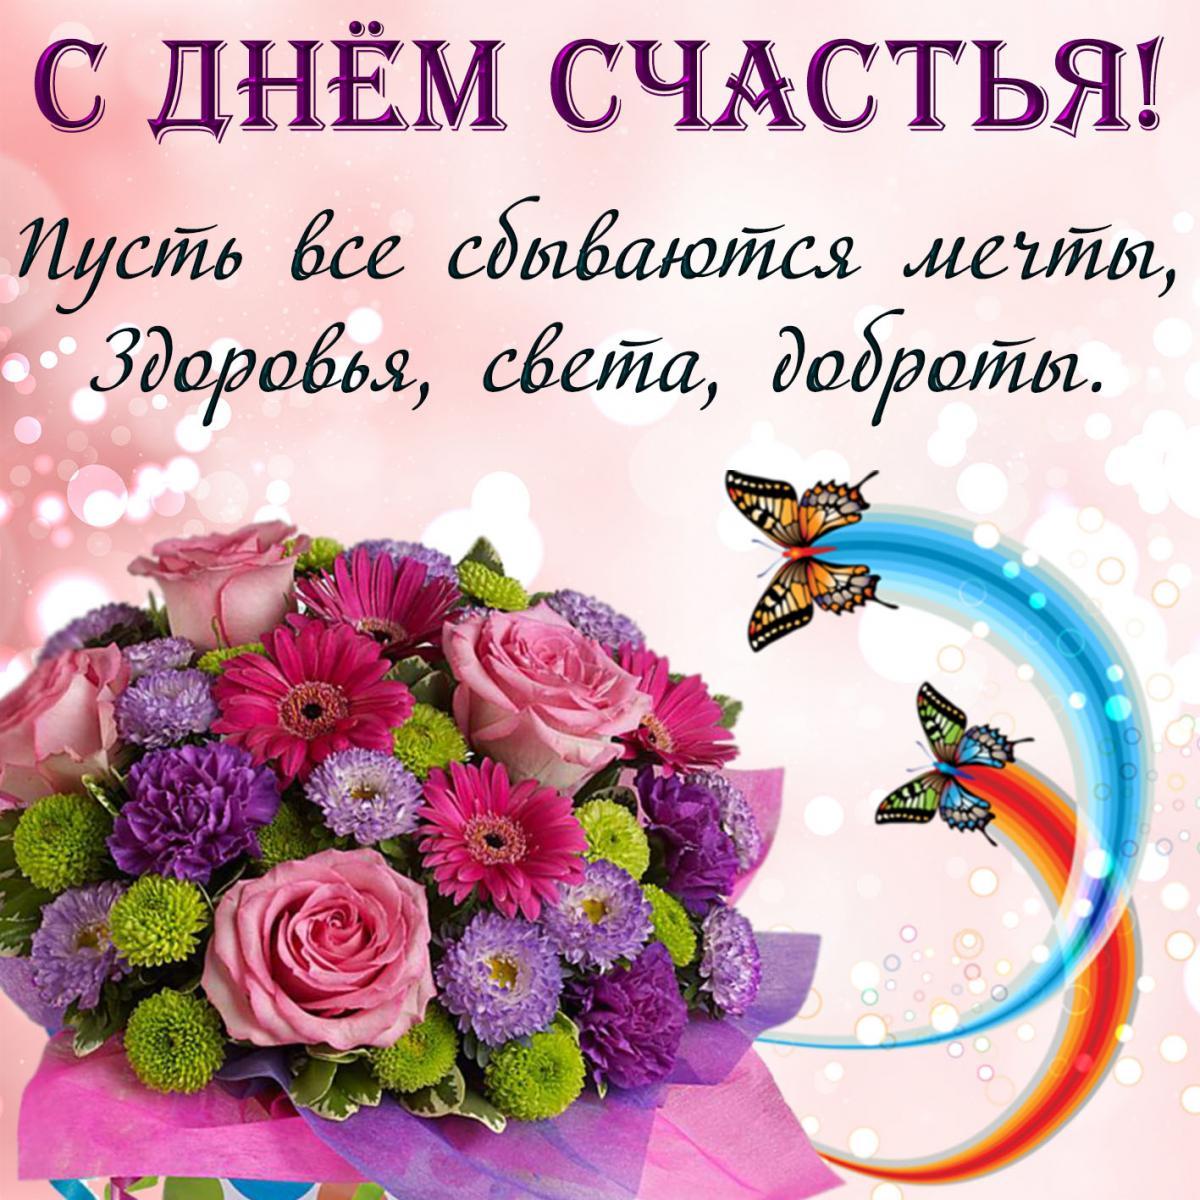 Открытка днем, поздравить с днем счастья открытки